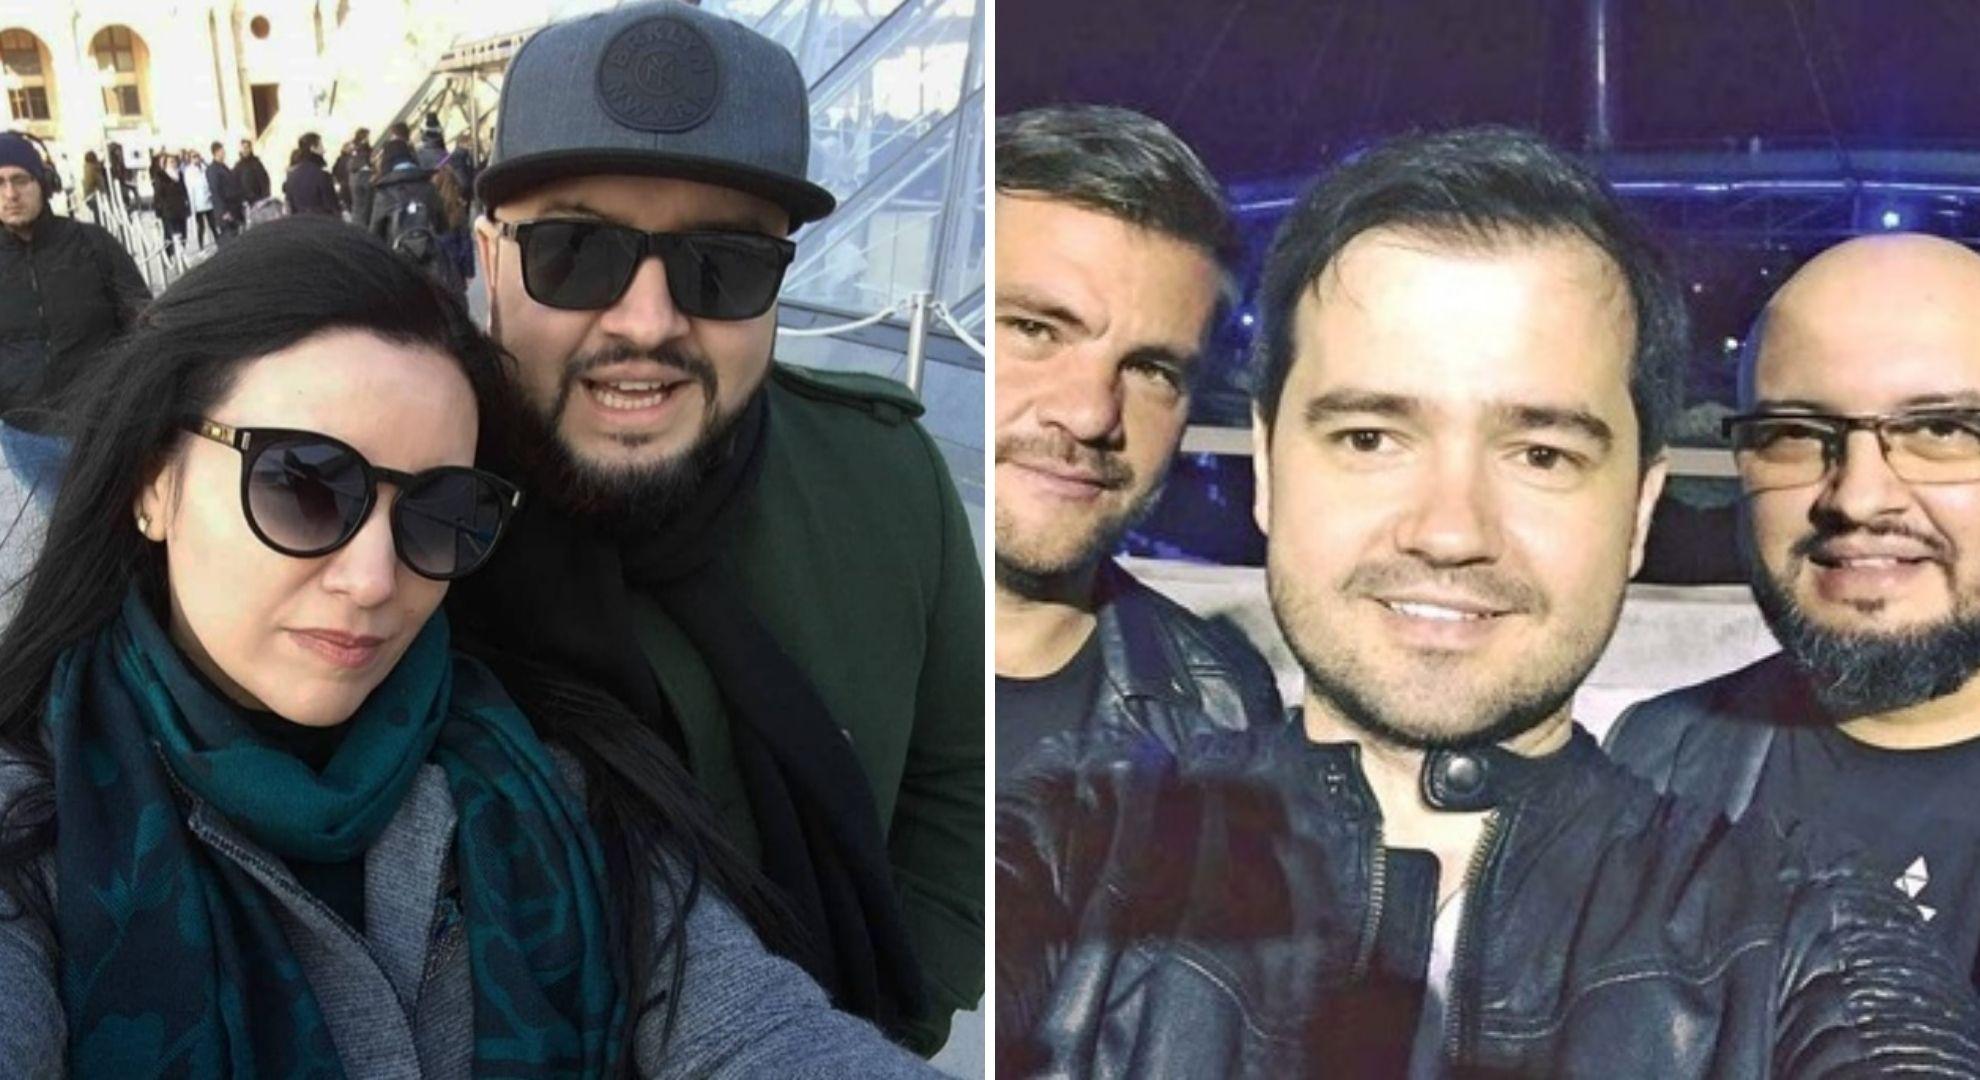 Soția lui Mihai de la 3 Sud Est primește mesaje de susținere pe Facebook. Cântărețul este la Terapie Intensivă